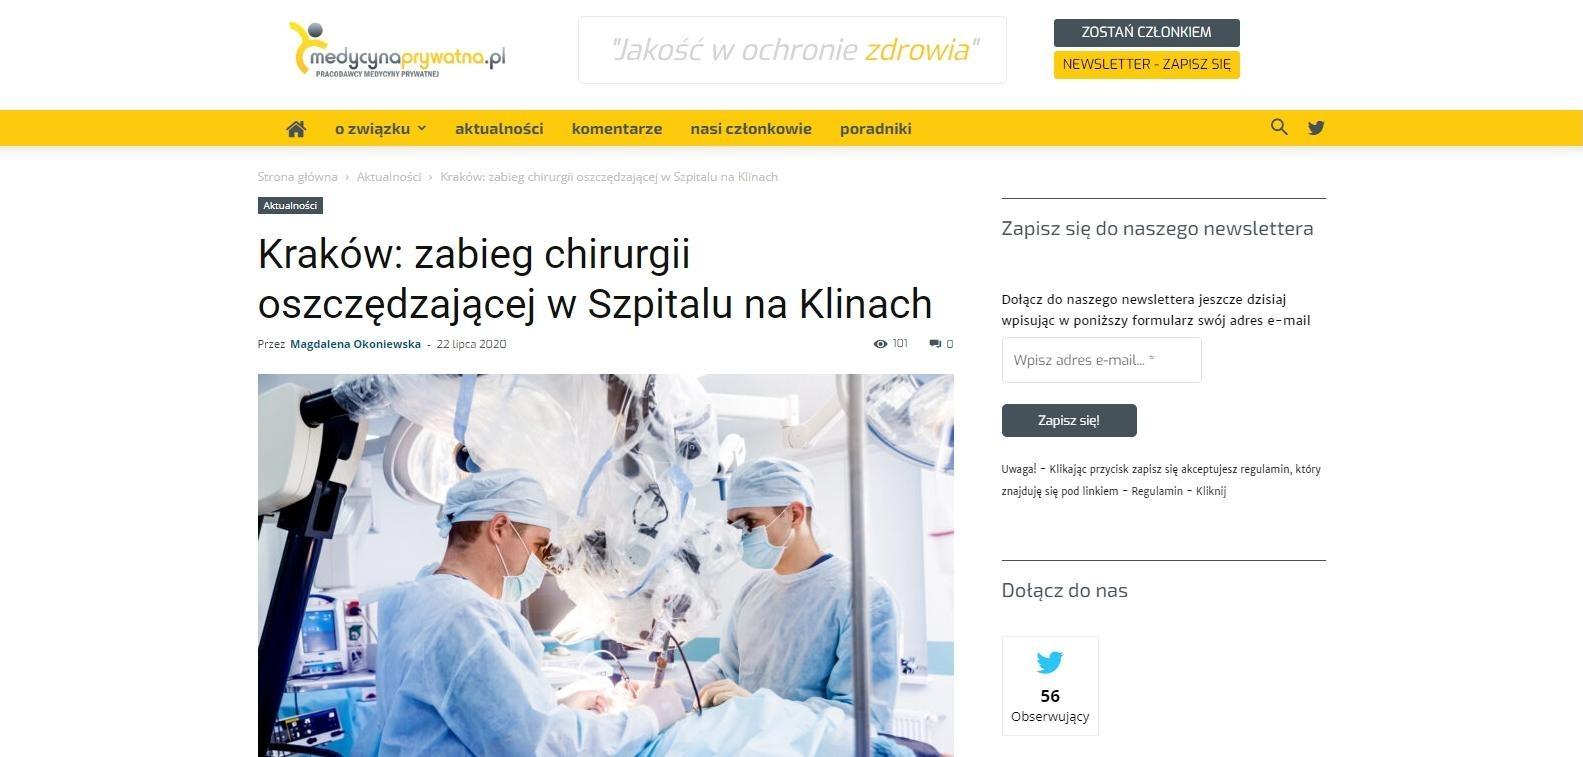 krakow zabieg chirurgii oszczedzajacej w szpitalu na klinach